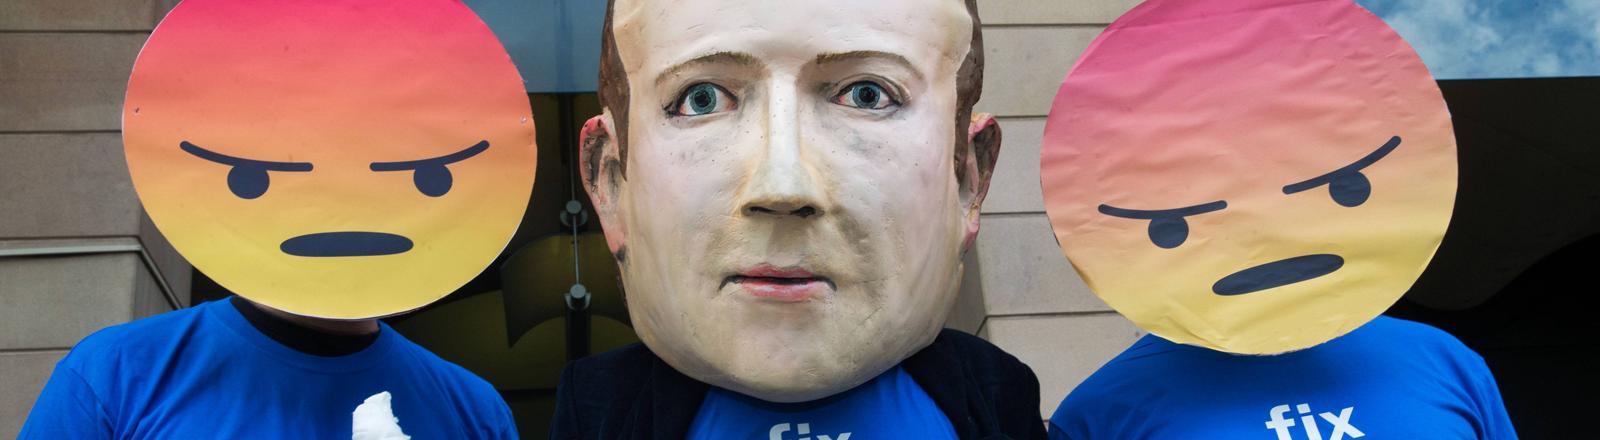 """Ein Mensch mit Mark Zuckerberg Maske, flankiert von zwei Menschen mit Wutsmiley-Masken. Alle tragen ein T-Shirt mit der Aufschrift """"fix fakebook"""""""